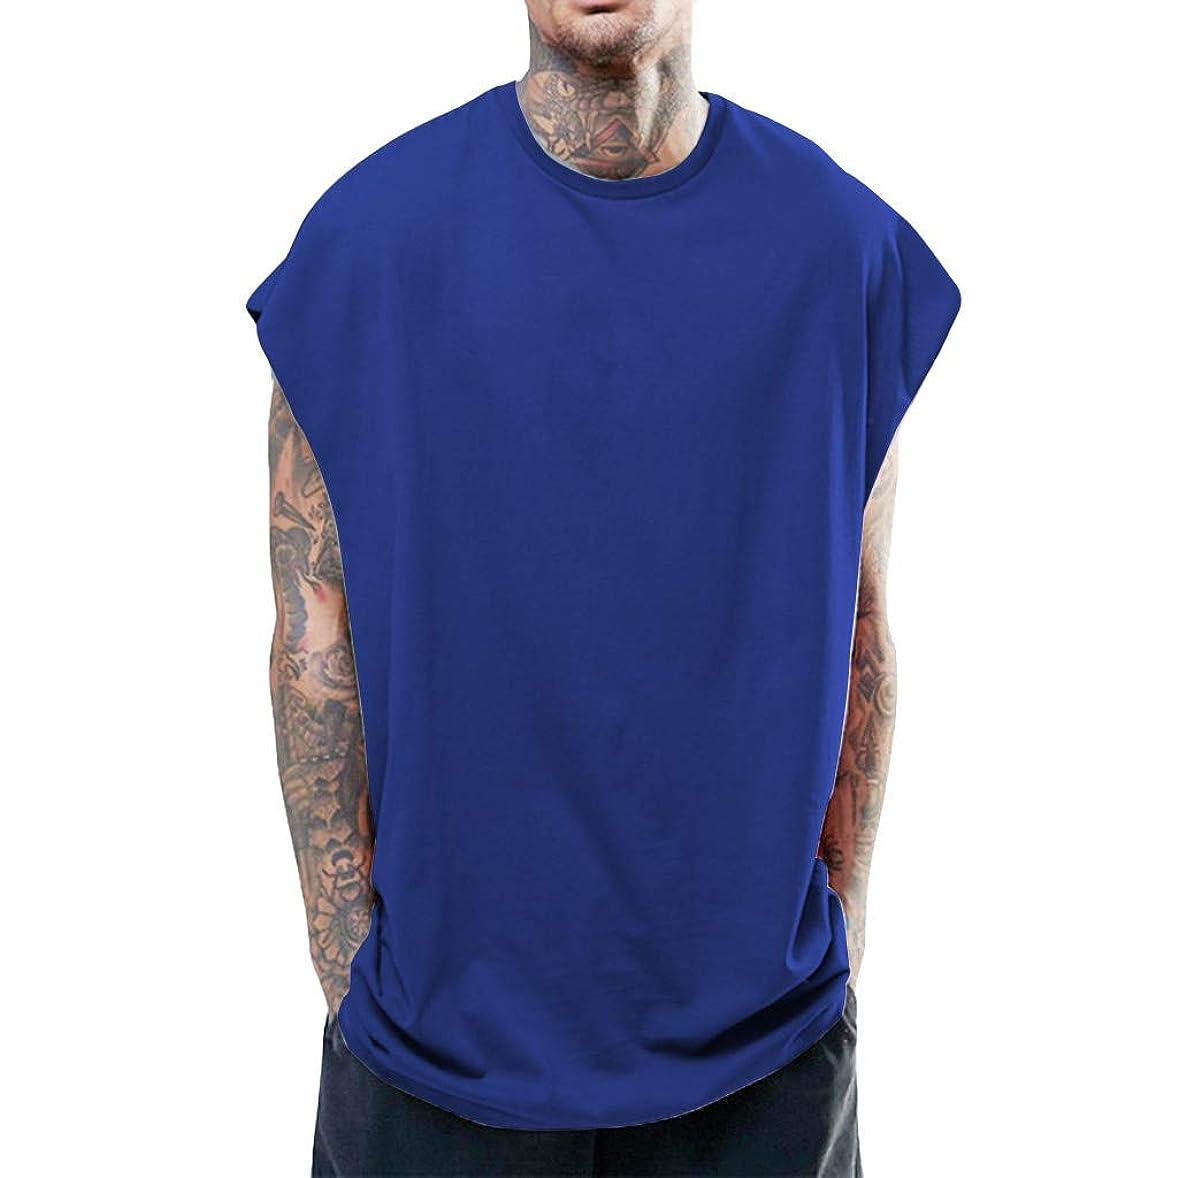 マーティンルーサーキングジュニア確かめる学校の先生メンズ無地ベスト タンクトップ メンズ tシャツ夏 トップス カットソー ノースリーブ ゆったり ビッグシルエット 吸汗速乾 無地 お出かけ 男性 背心 簡単 ジム 運動 (S-XXL)